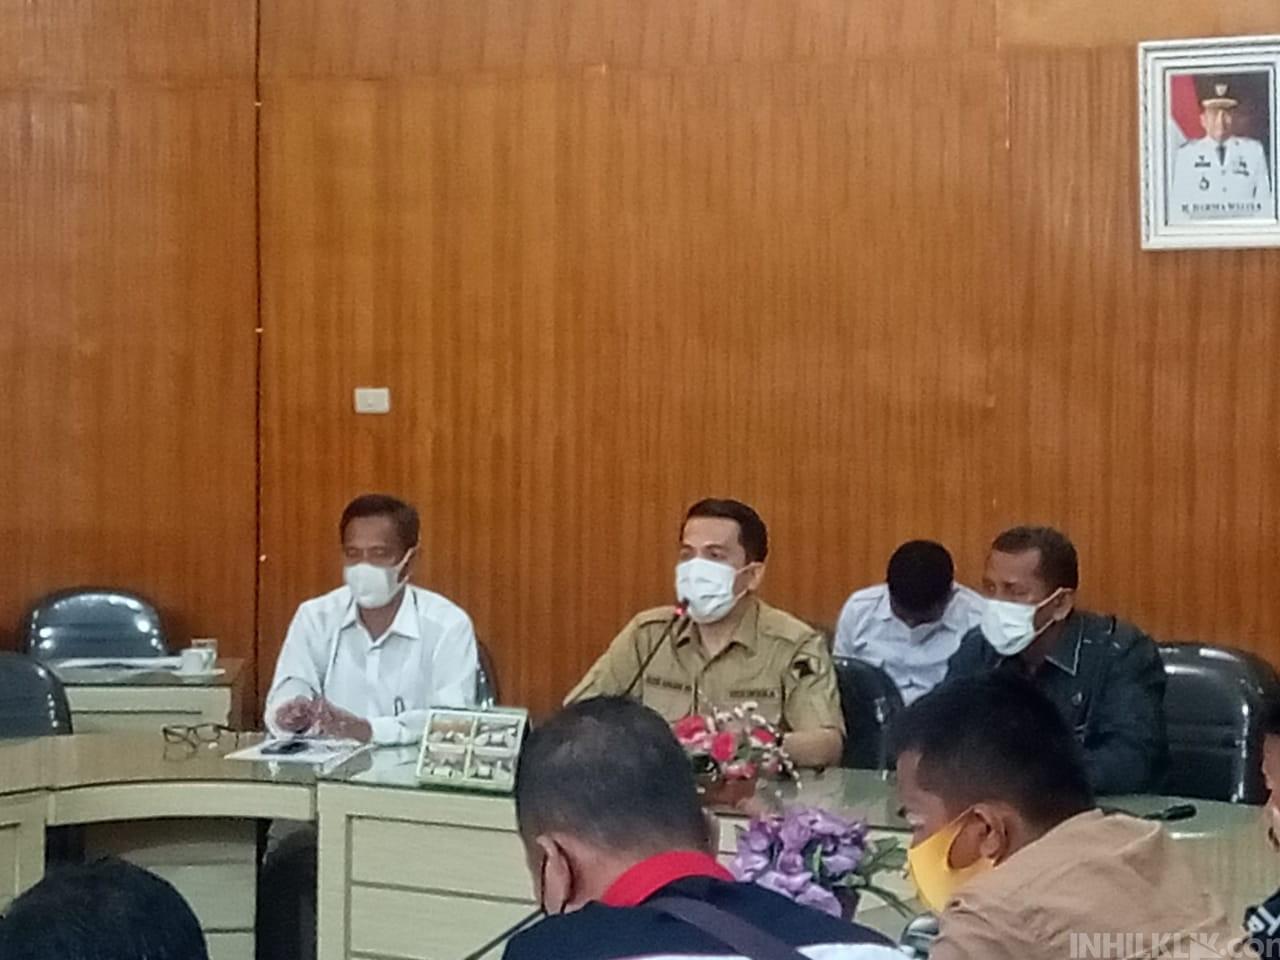 Ketua DPRD Sergai Tidak Pernah Langgar 8 Poin Disebutkan Dalam Mosi Tidak Percaya